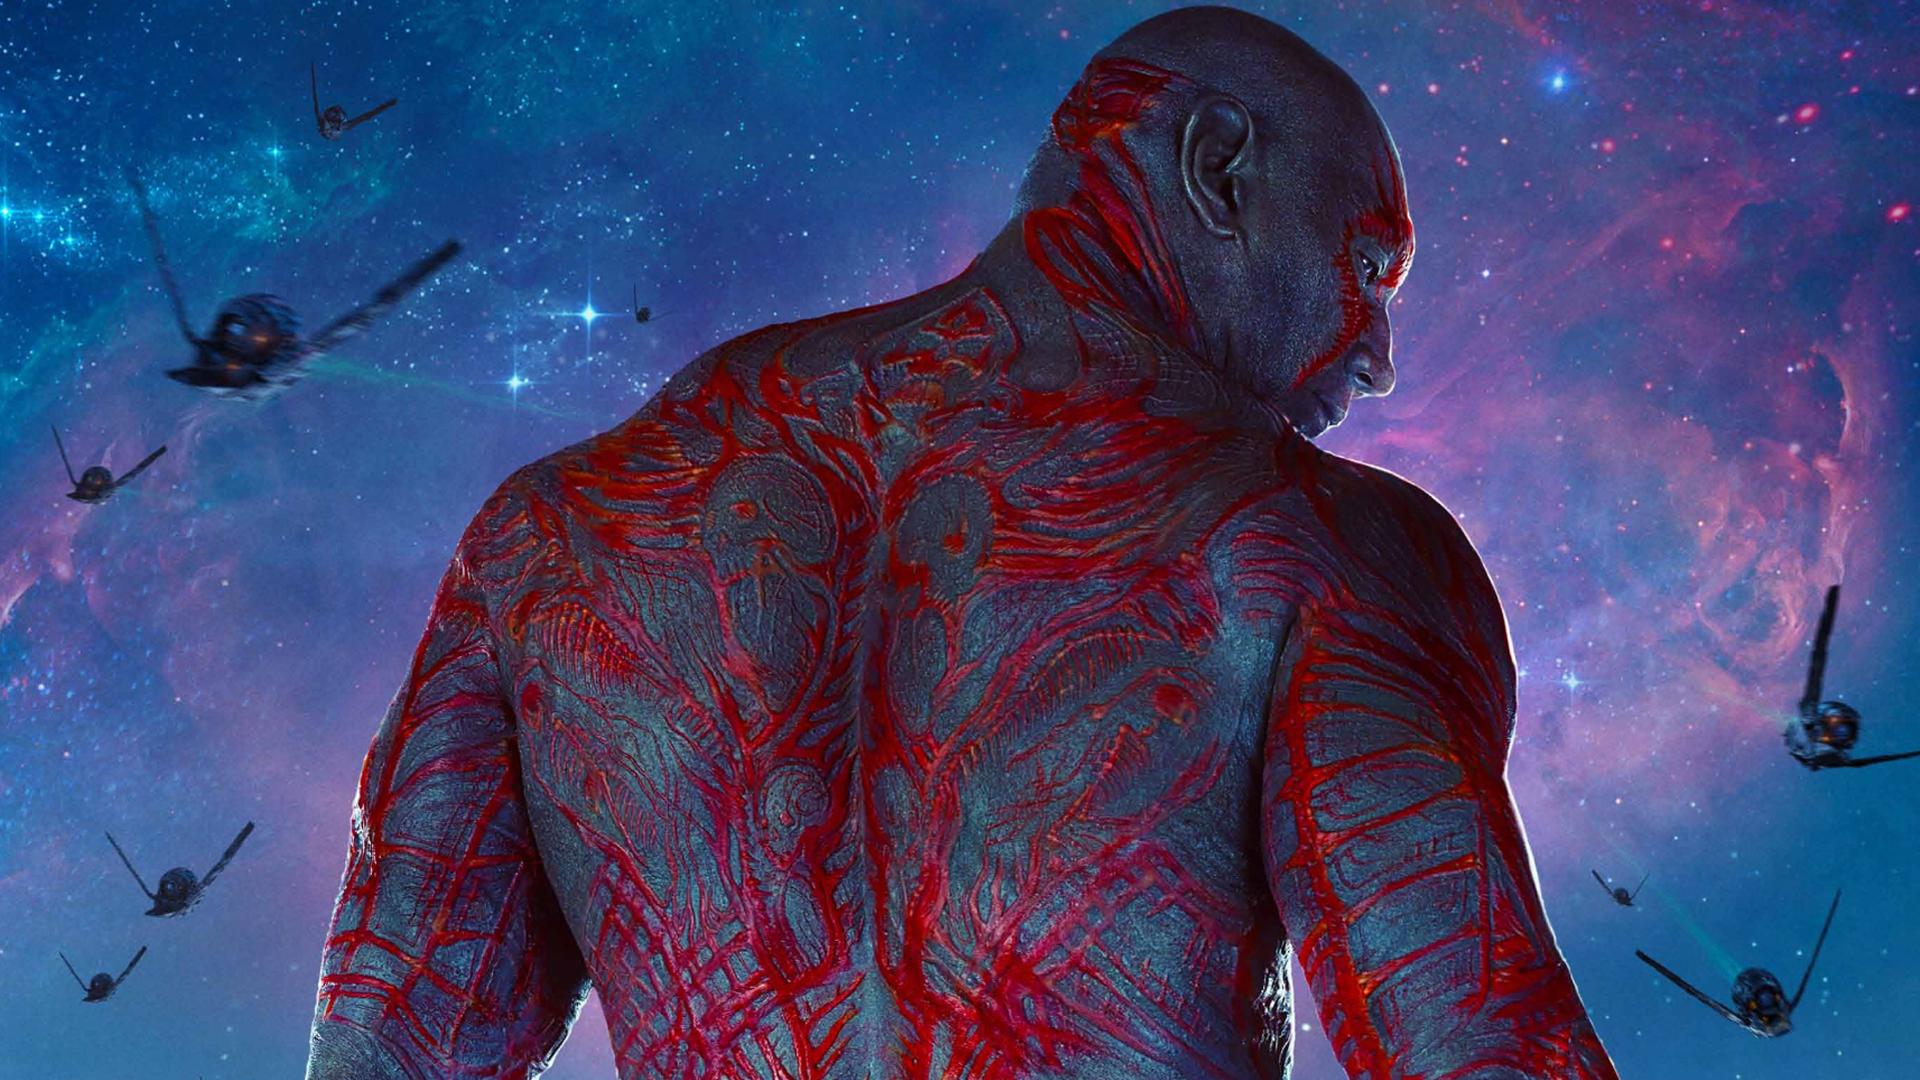 Galaxy Wallpaper Hd 13...